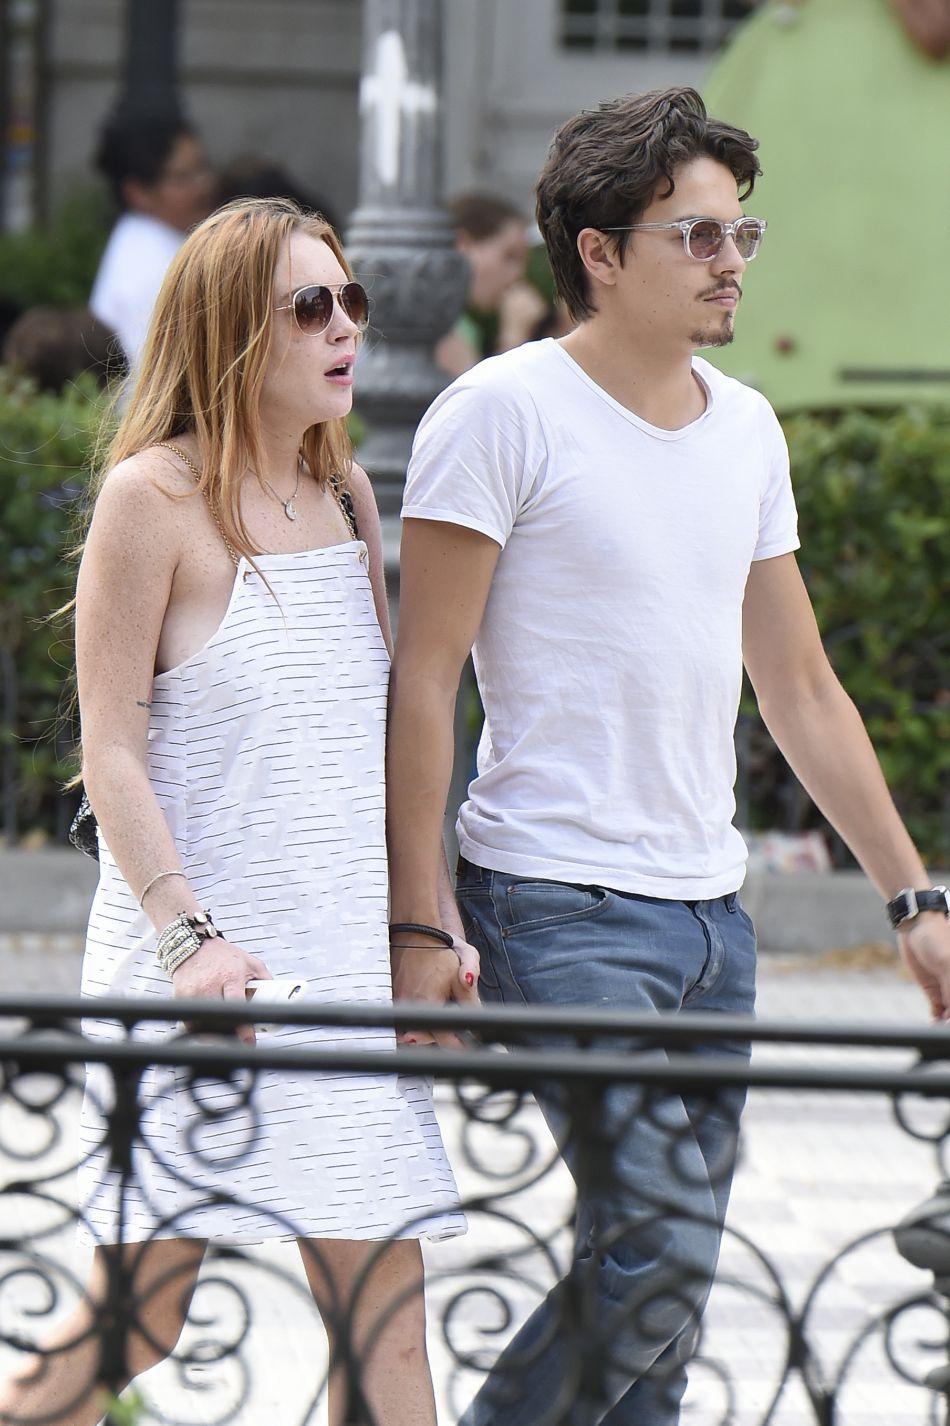 Lindsay et Egor étaient ensemble depuis plus de huit mois.